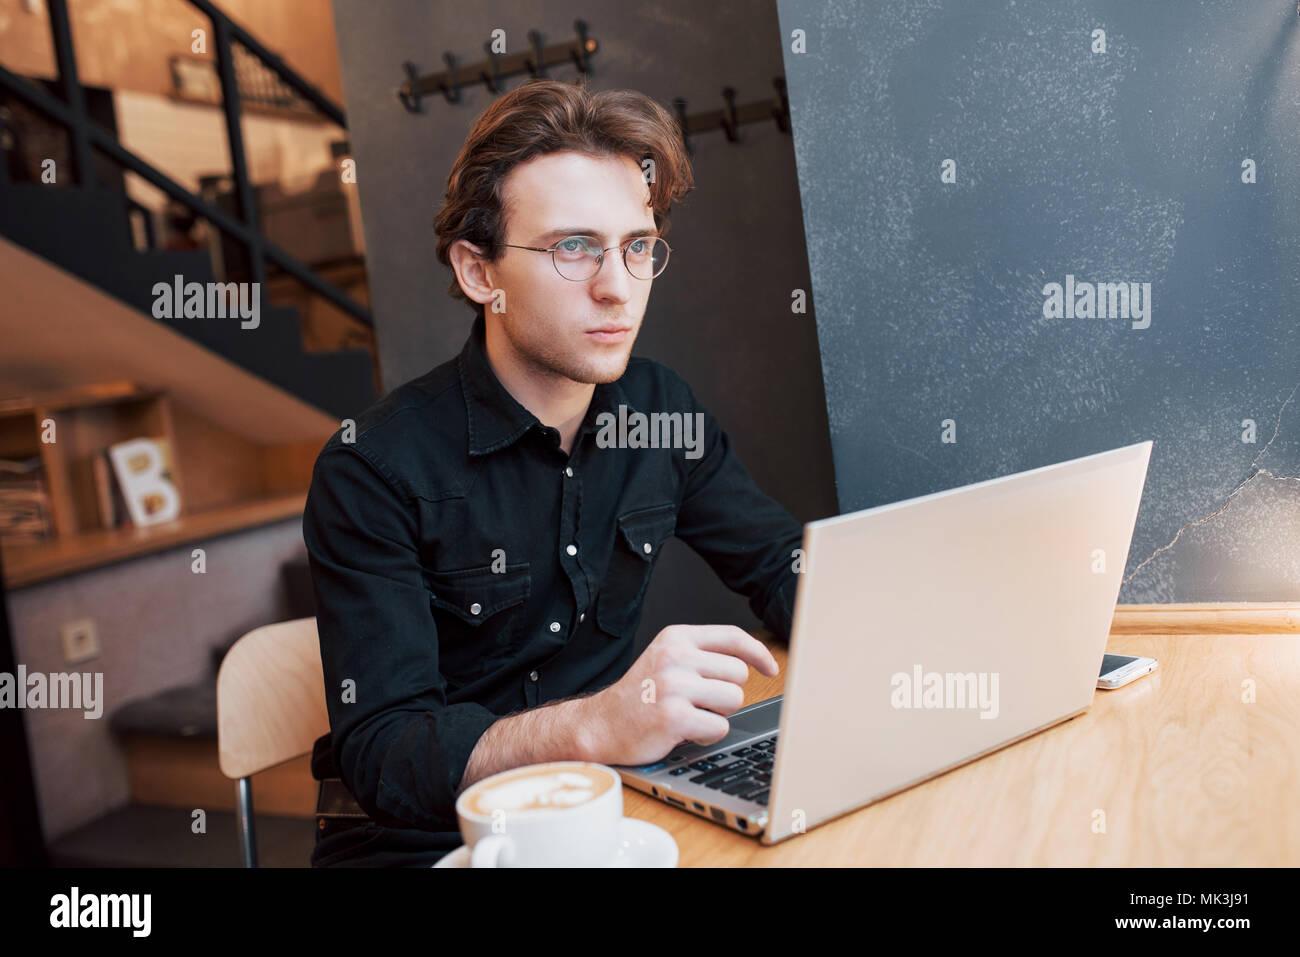 Uomo Creativo designer che lavora sul suo computer portatile mentre si è in attesa di ordini al suo bar preferito in ambienti chiusi, maschio studenti che lavorano su net-libro durante la colazione del mattino nella moderna caffetteria interno Immagini Stock